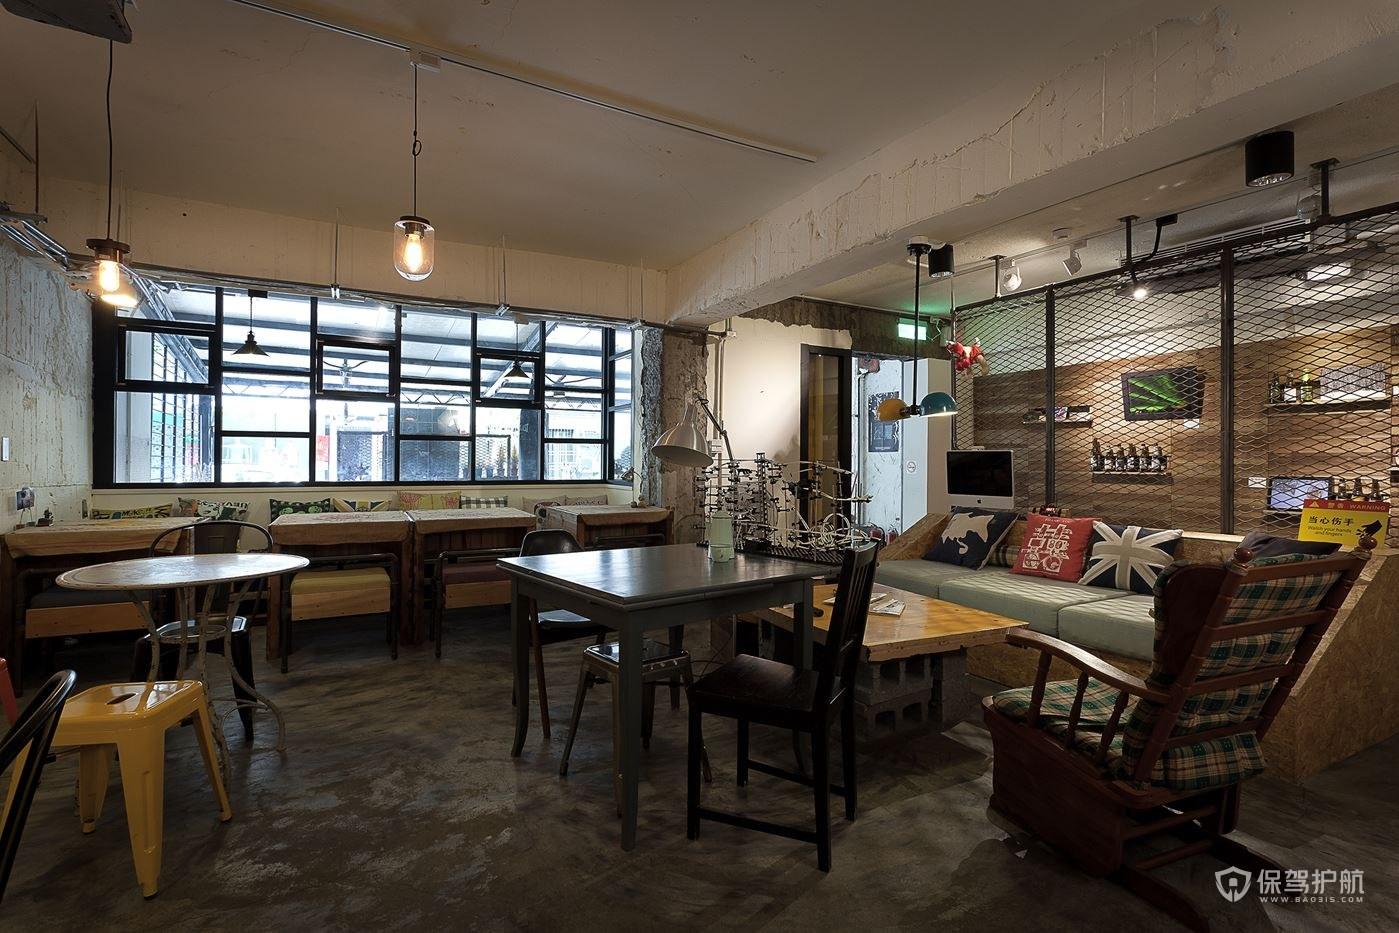 旧风格咖啡馆桌椅布局效果